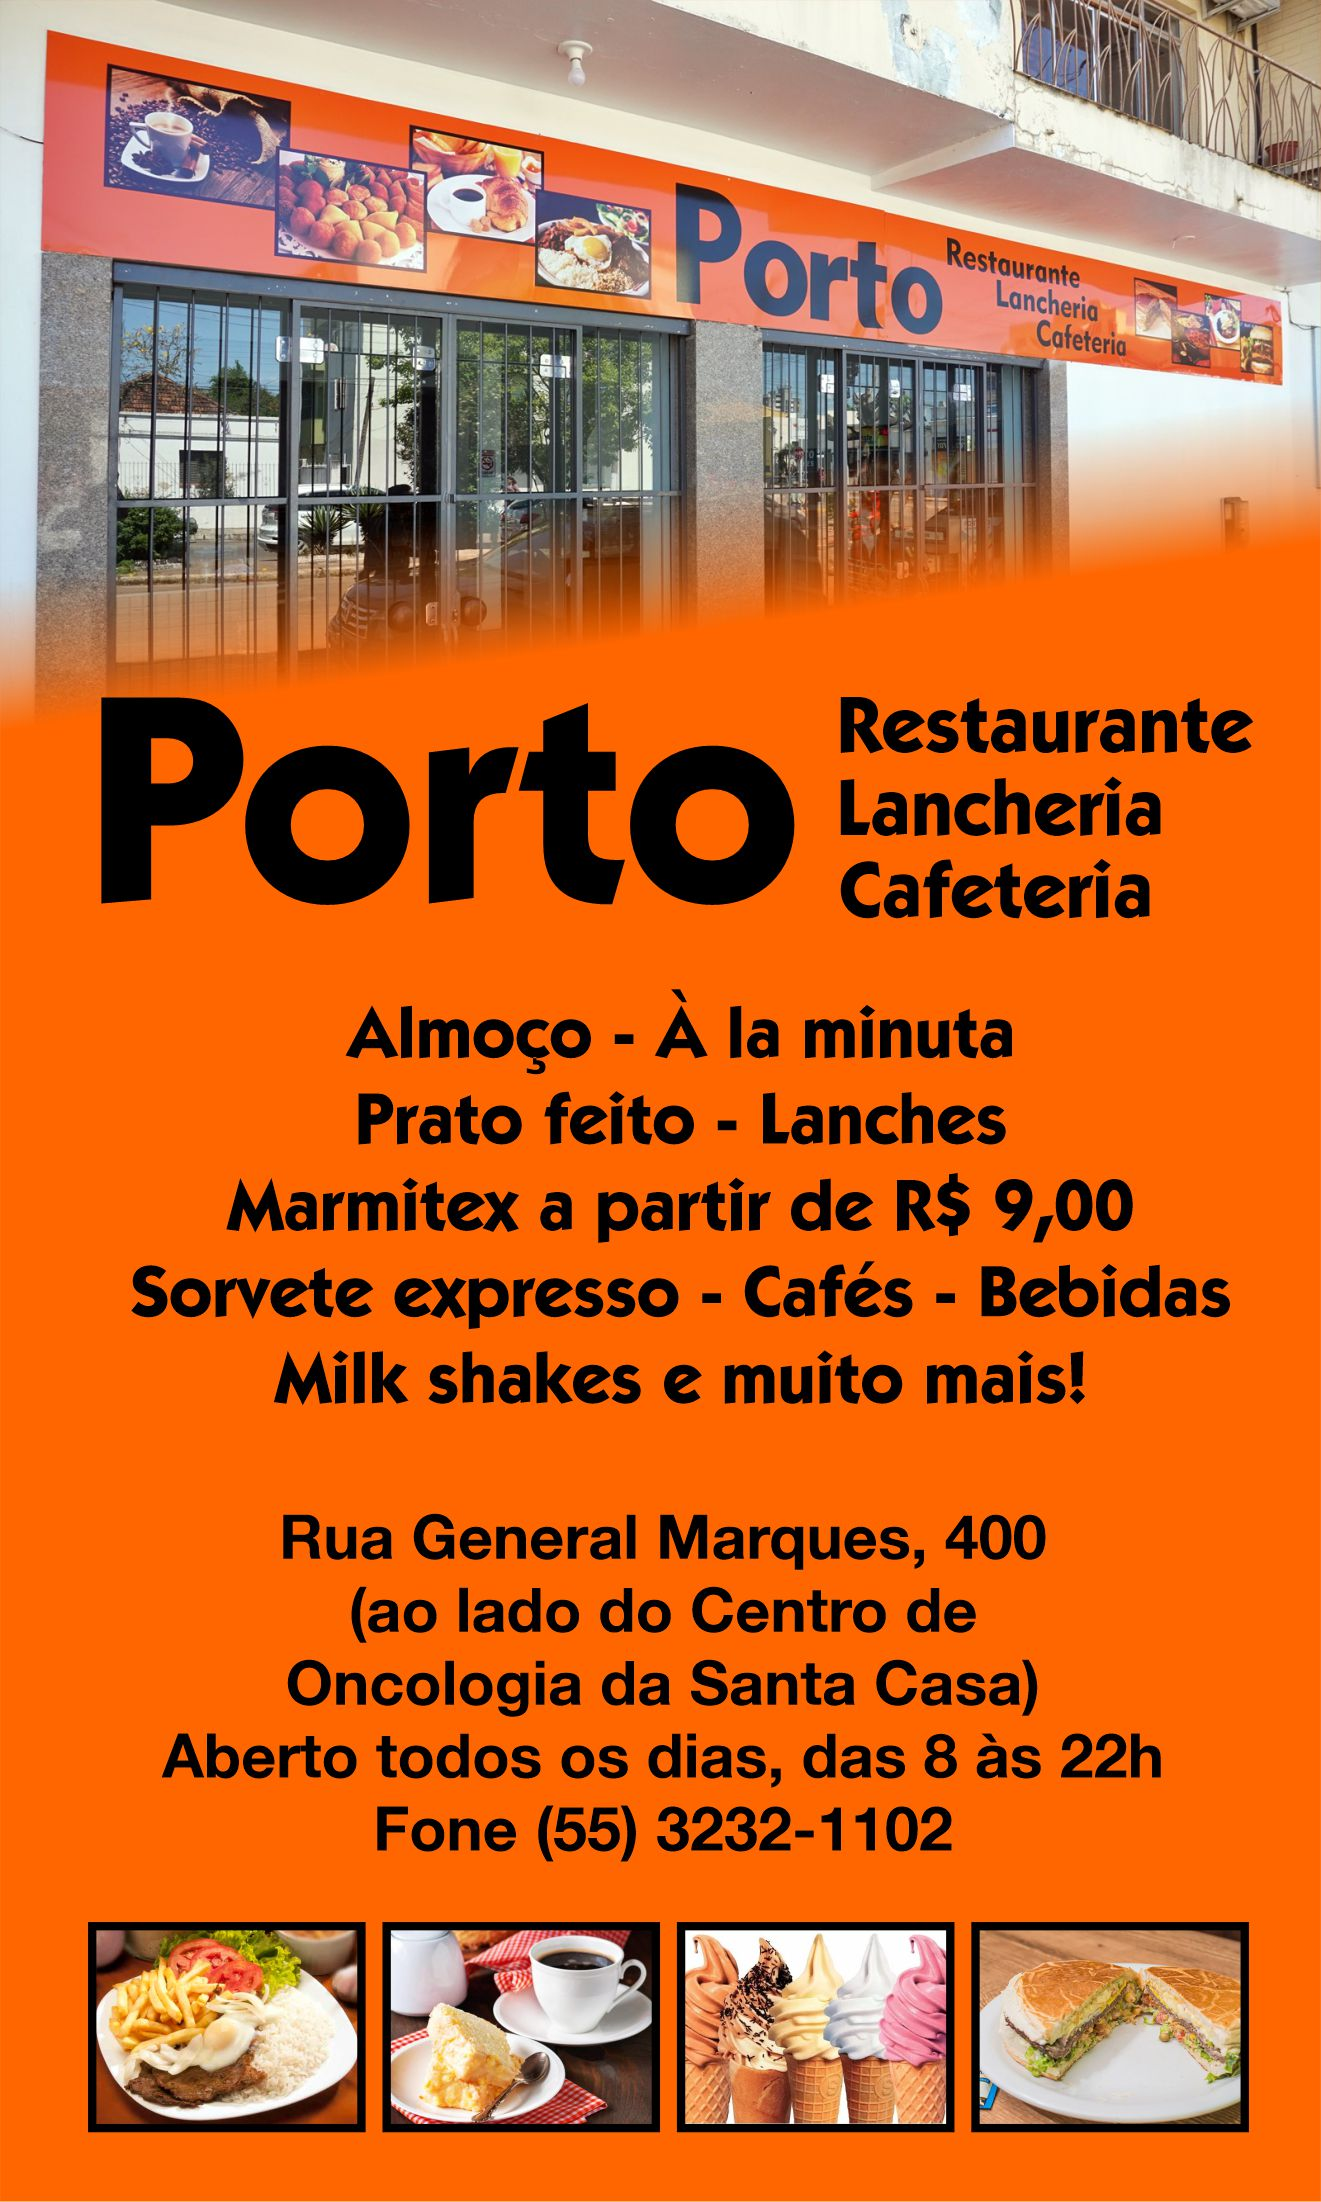 Inauguração da filial Porto Lanches na quinta, 10 de outubro